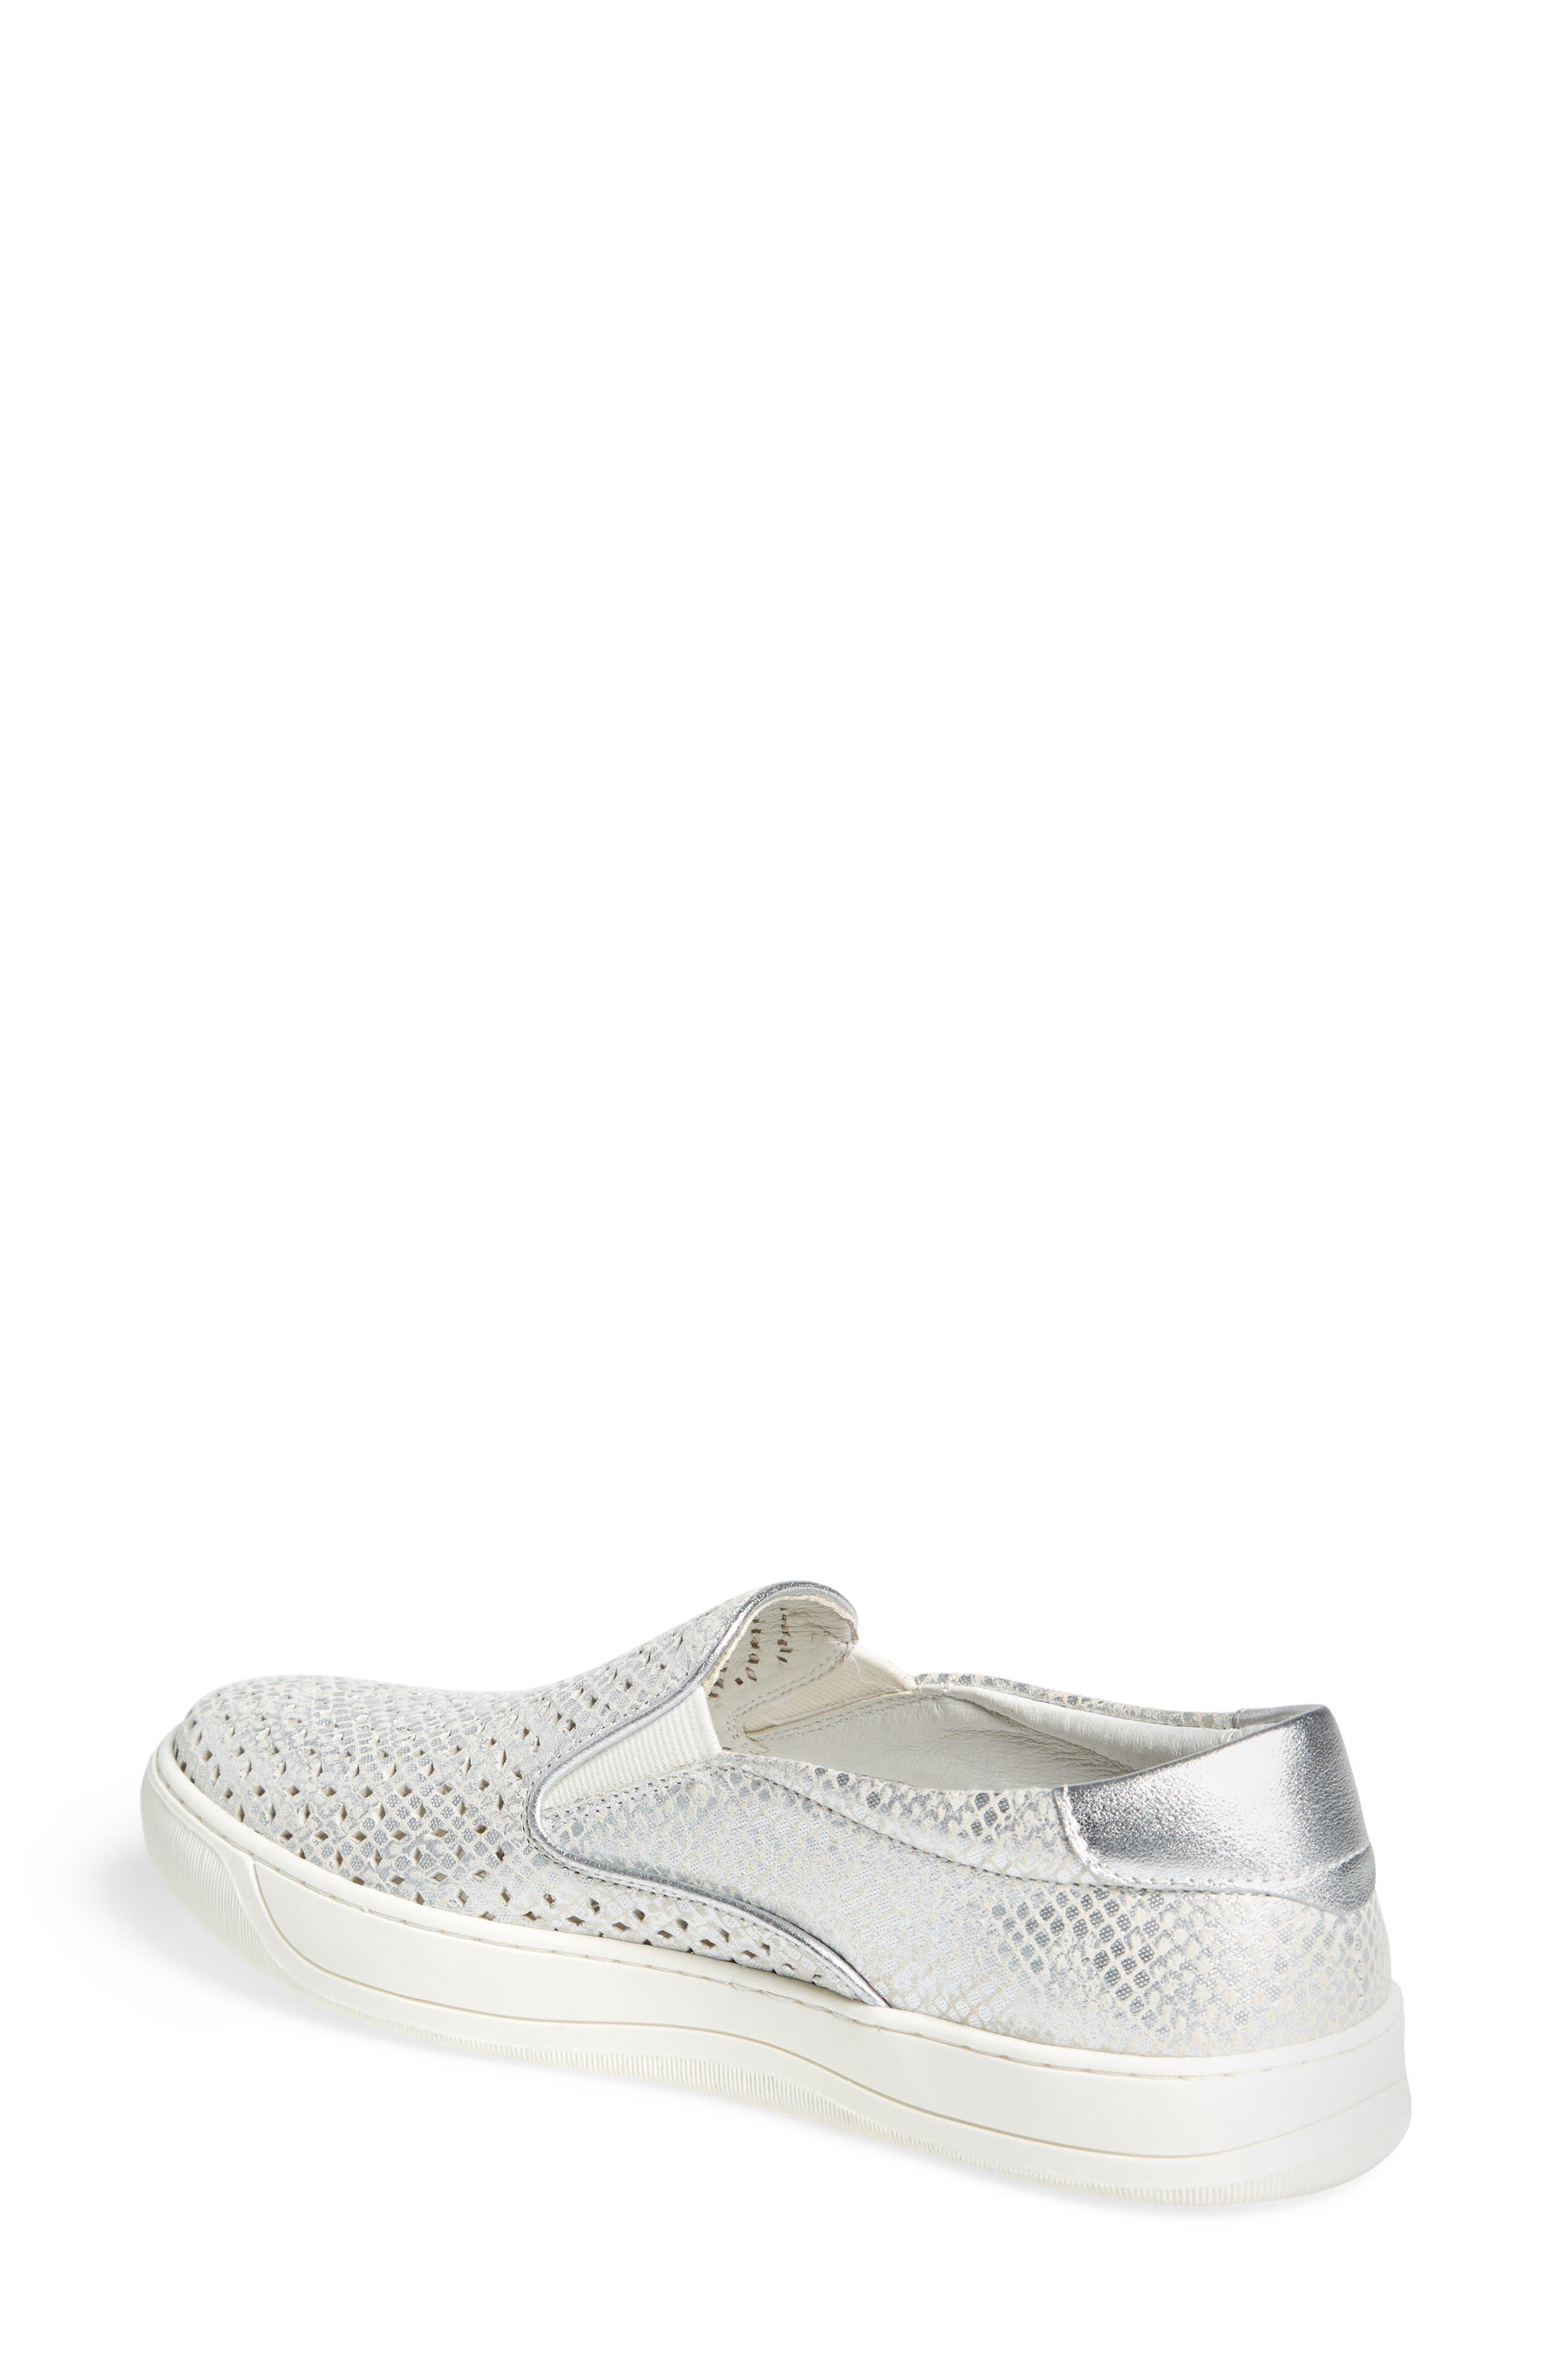 JOHNSTON & MURPHY, Elaine Slip-On Sneaker, Alternate thumbnail 2, color, SILVER SNAKE PRINT LEATHER